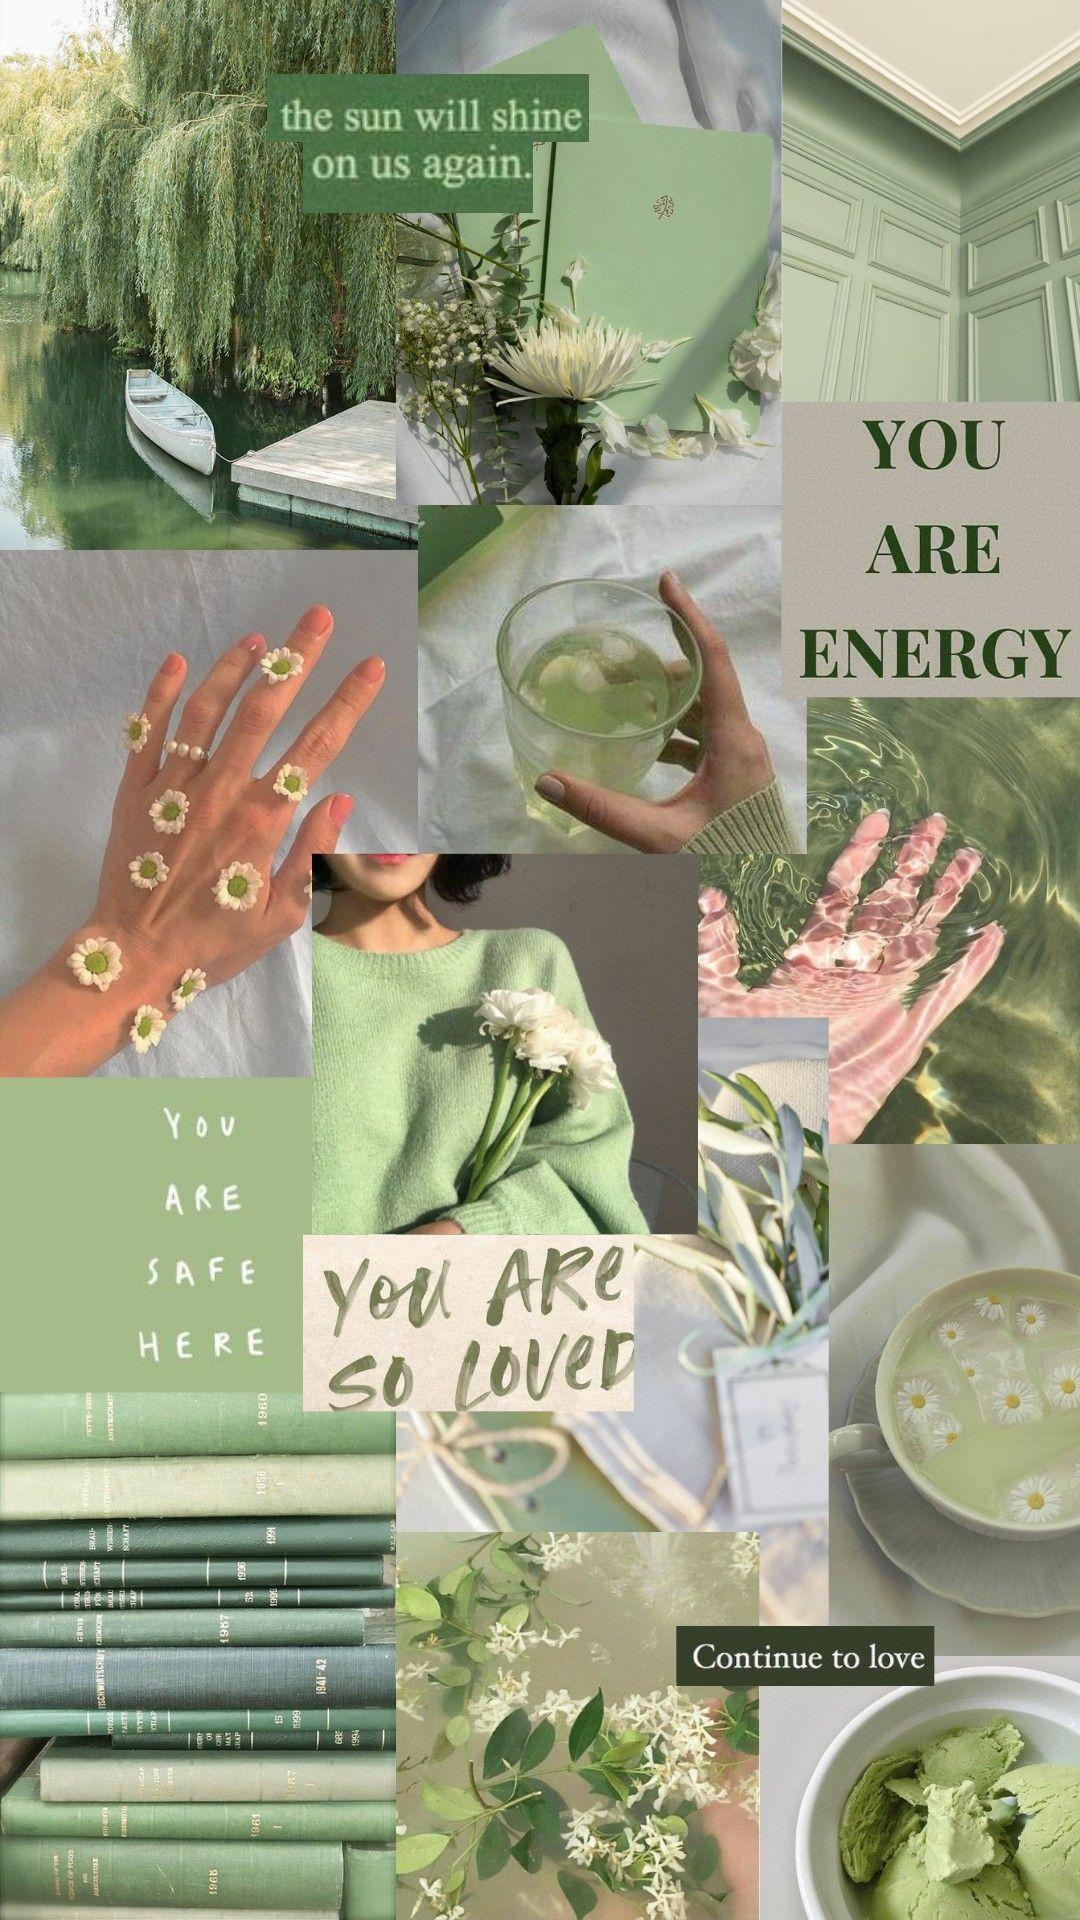 Aesthetic green wallpaper